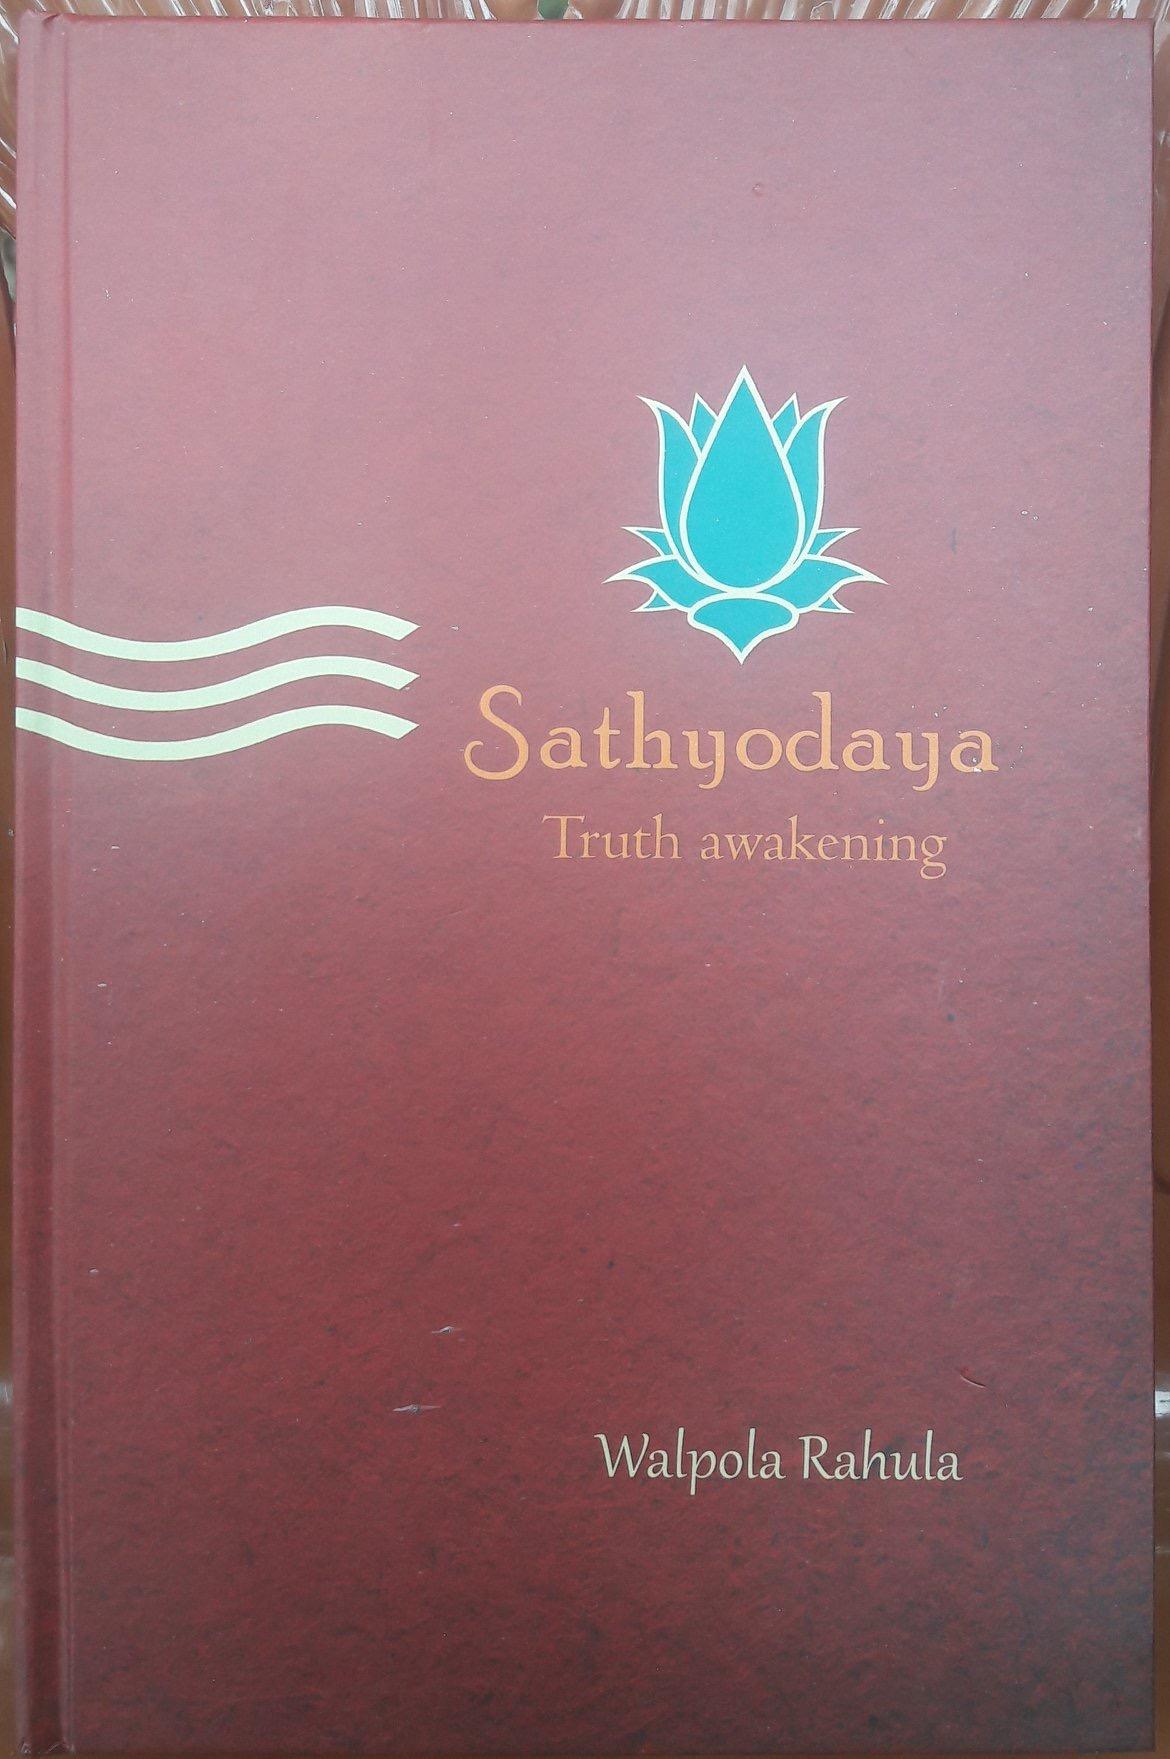 Ven  Rahula's Sathyodaya: Let Truth Be awakened In Top Leaders & CEB